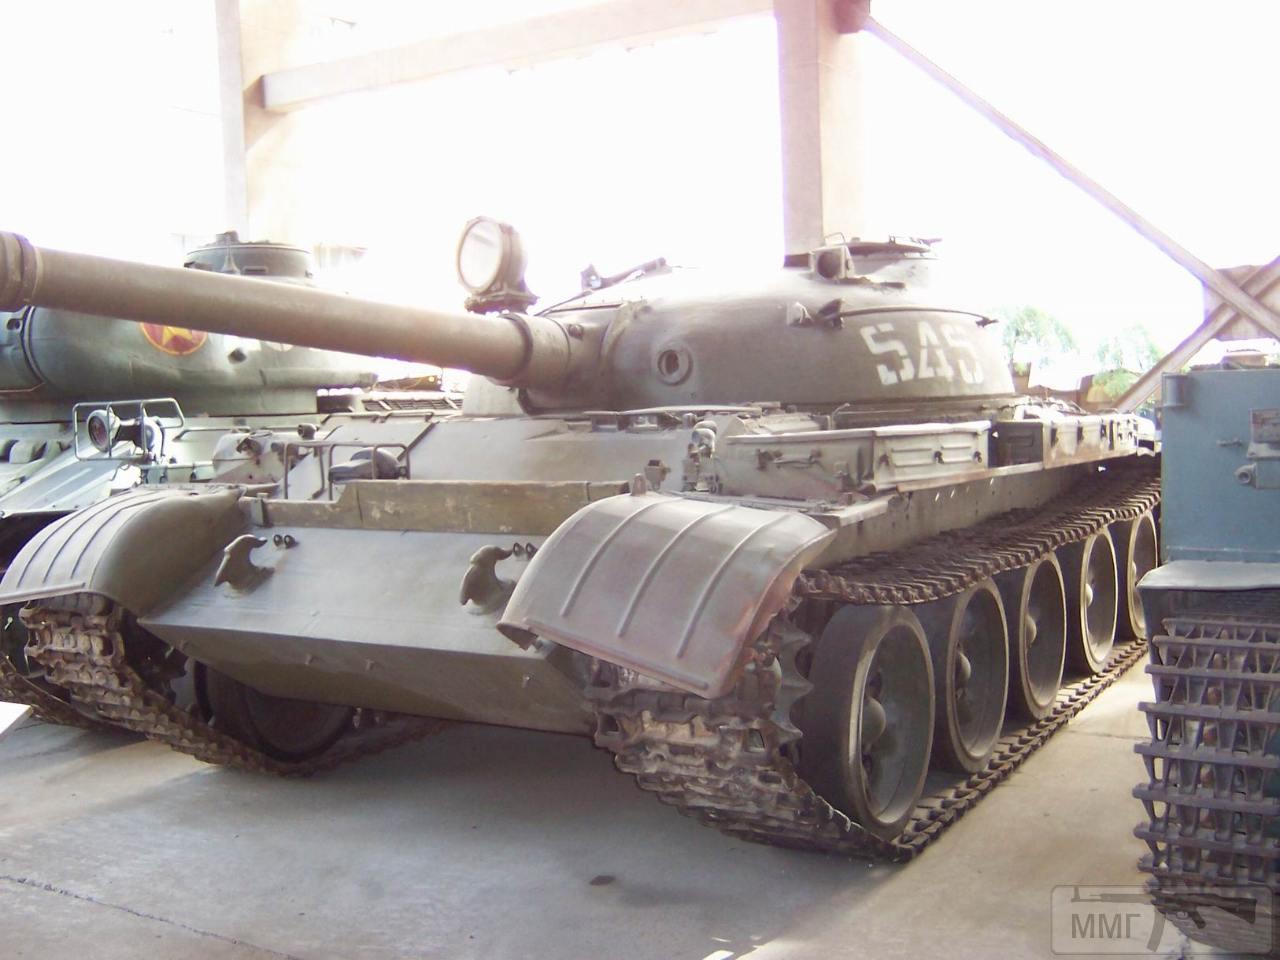 14044 - Военный конфликт СССР и Китая - Остров Даманский 1969 год